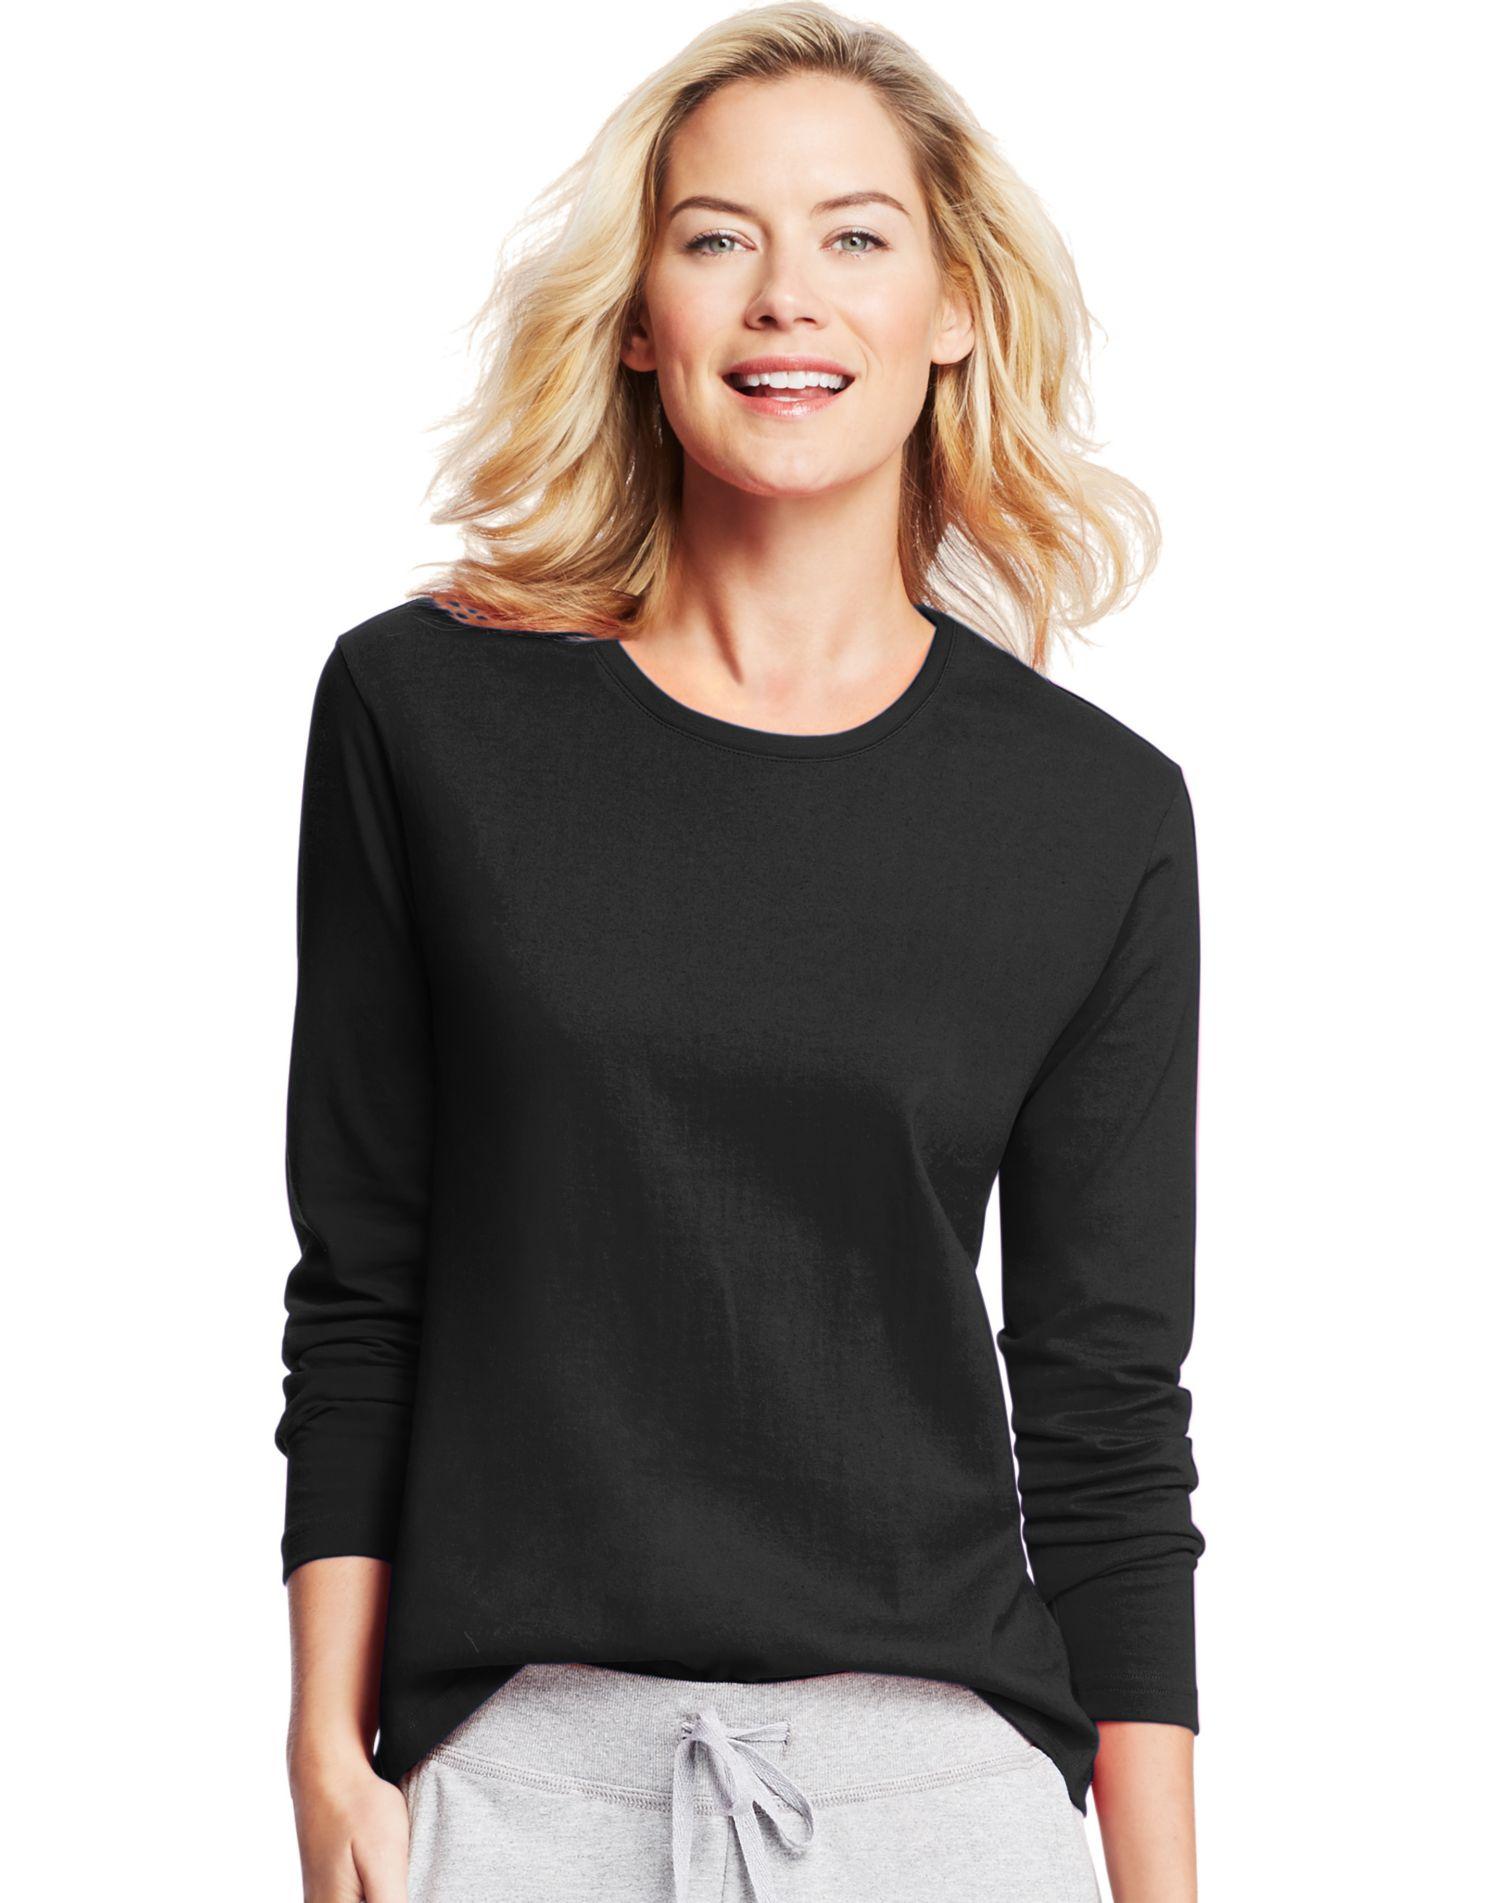 haines women Hanes underwear : overstockcom - your online underwear store get 5% in rewards with club o.